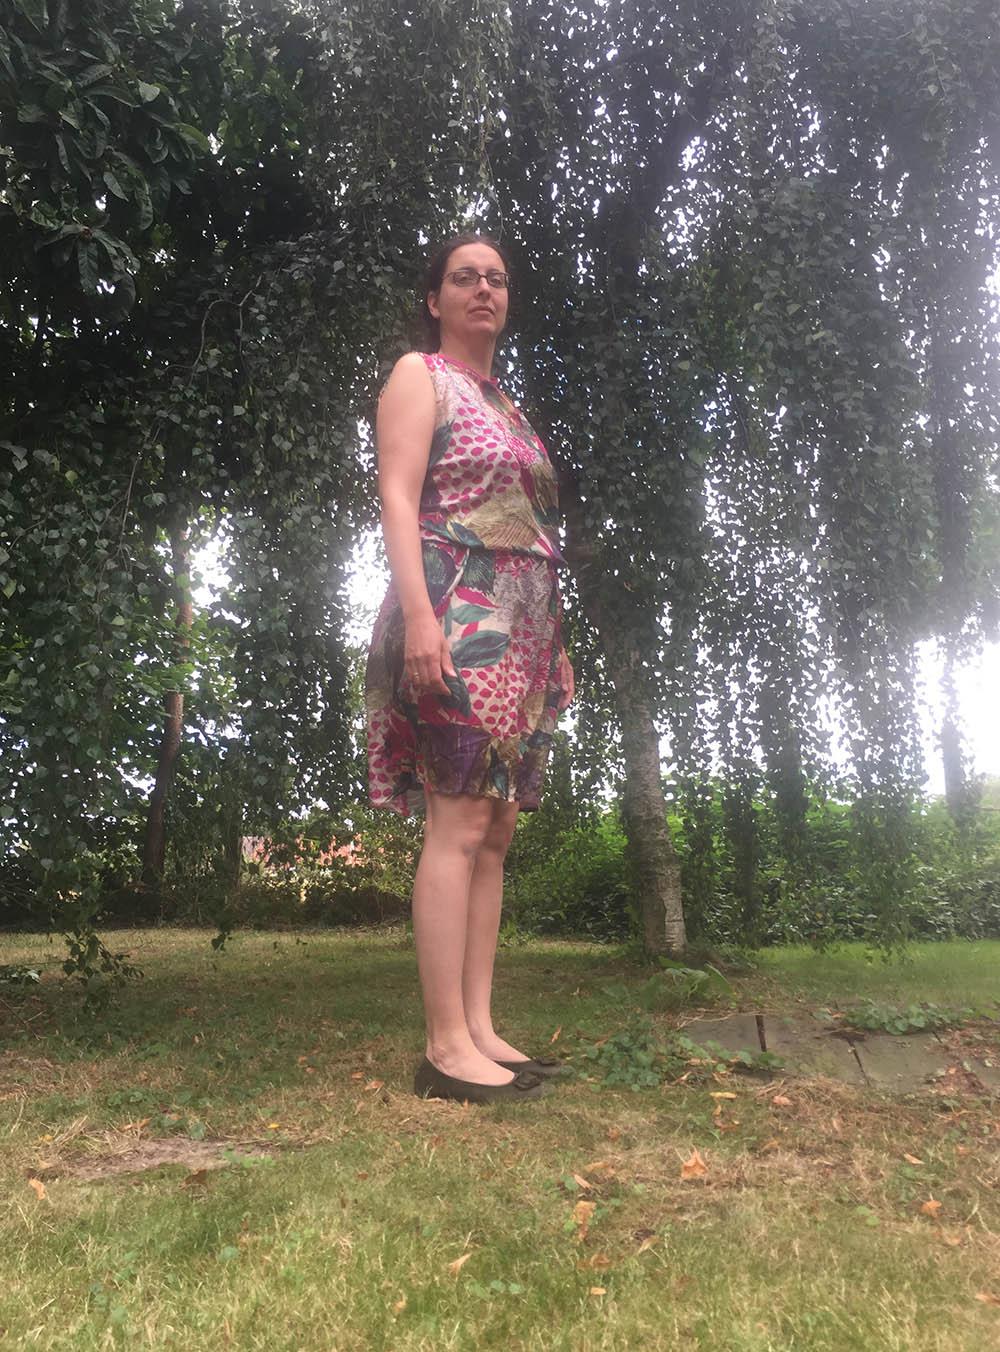 kurzes Sommerkleid aus bunter Seide nähen, Nähanleitung Seidenkleid für den Sommer,